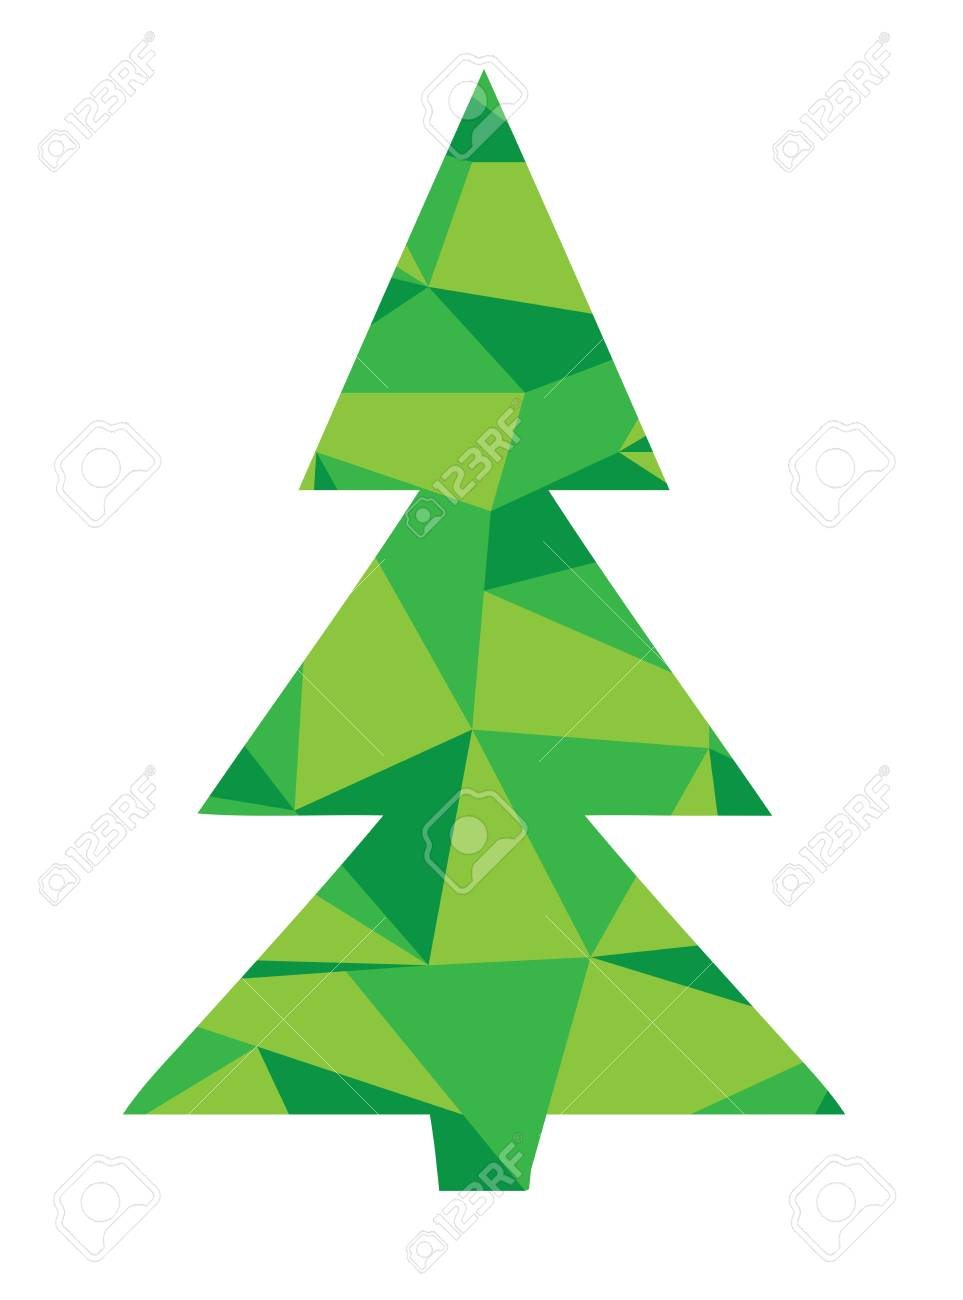 Foto Di Un Albero Di Natale.Illustrazione Vettoriale Di Un Albero Di Carta Di Soggiorno Di Natale